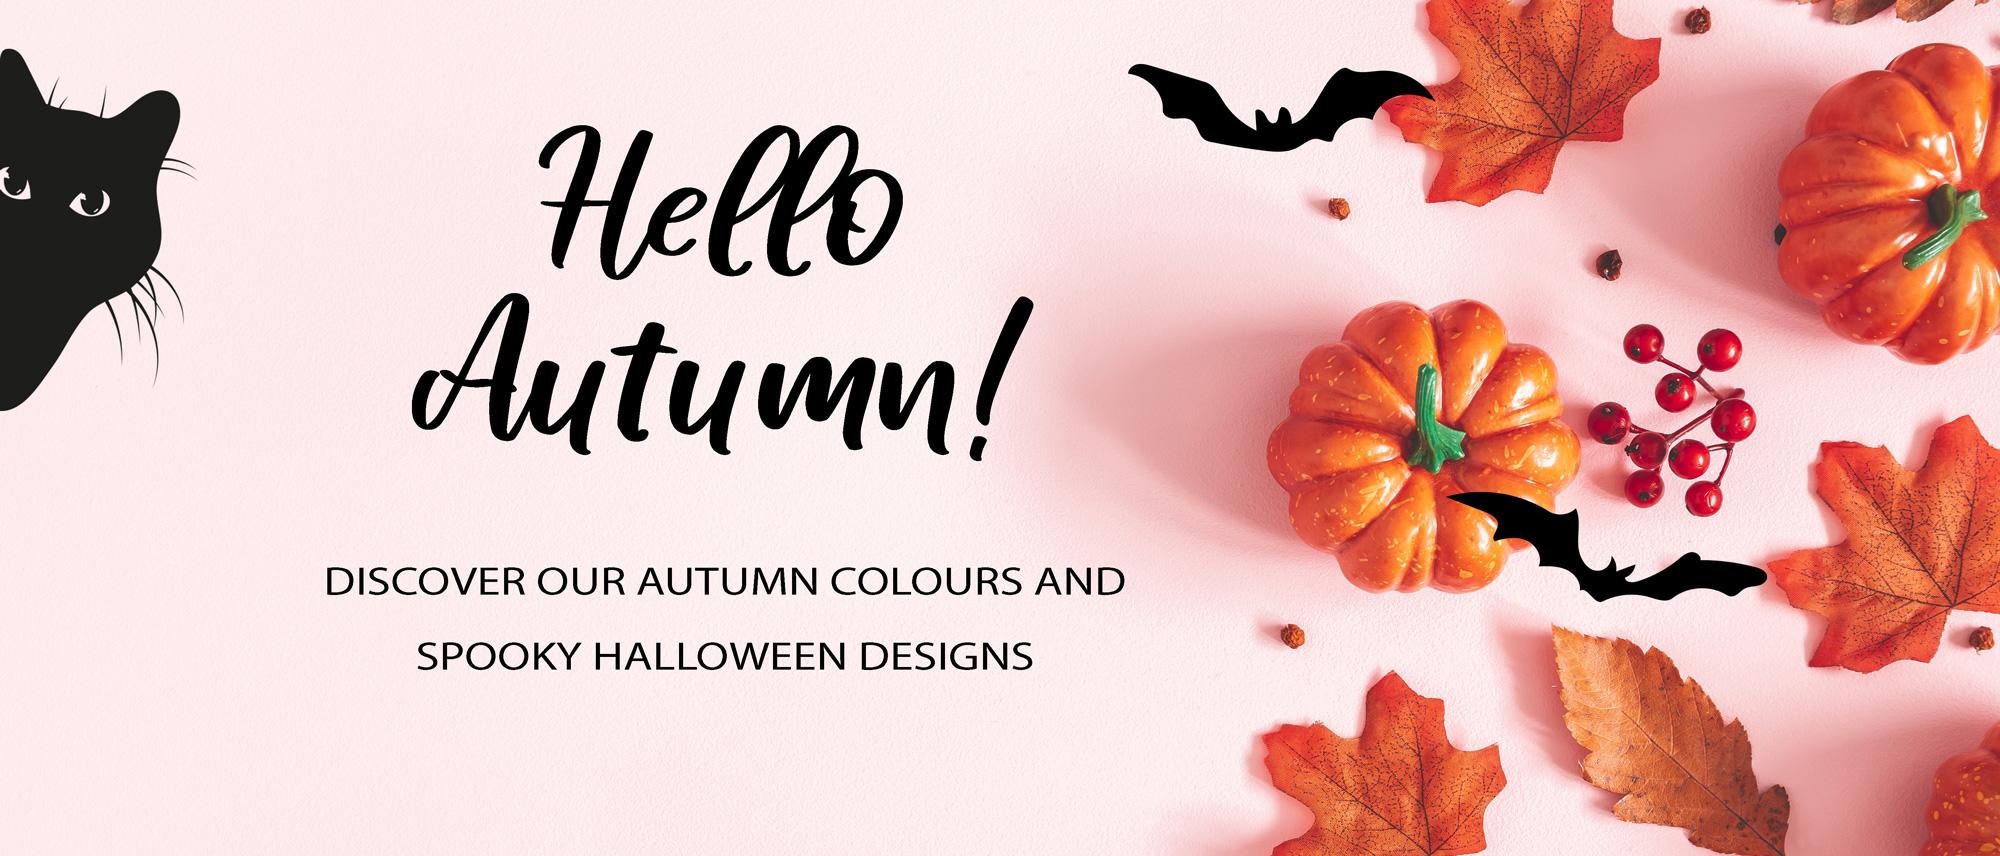 Herbst Halloween shopbild ENG 1